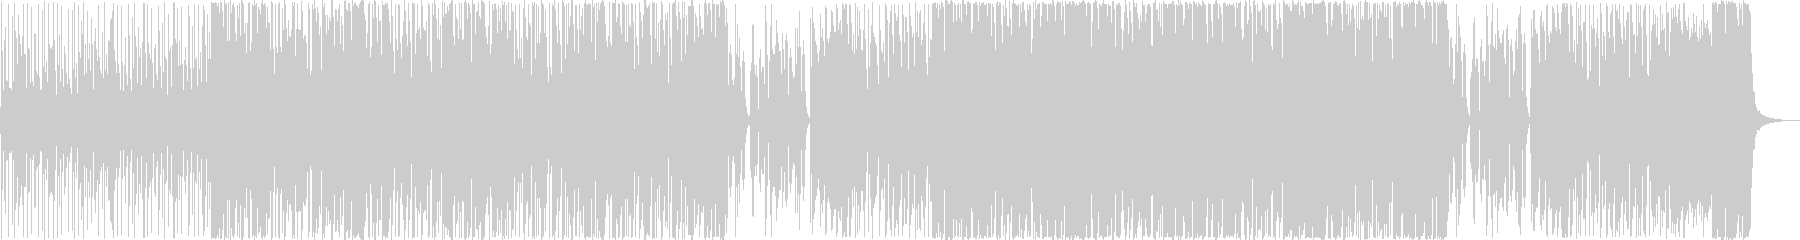 アップライトベースで始まるファンクの未再生の波形